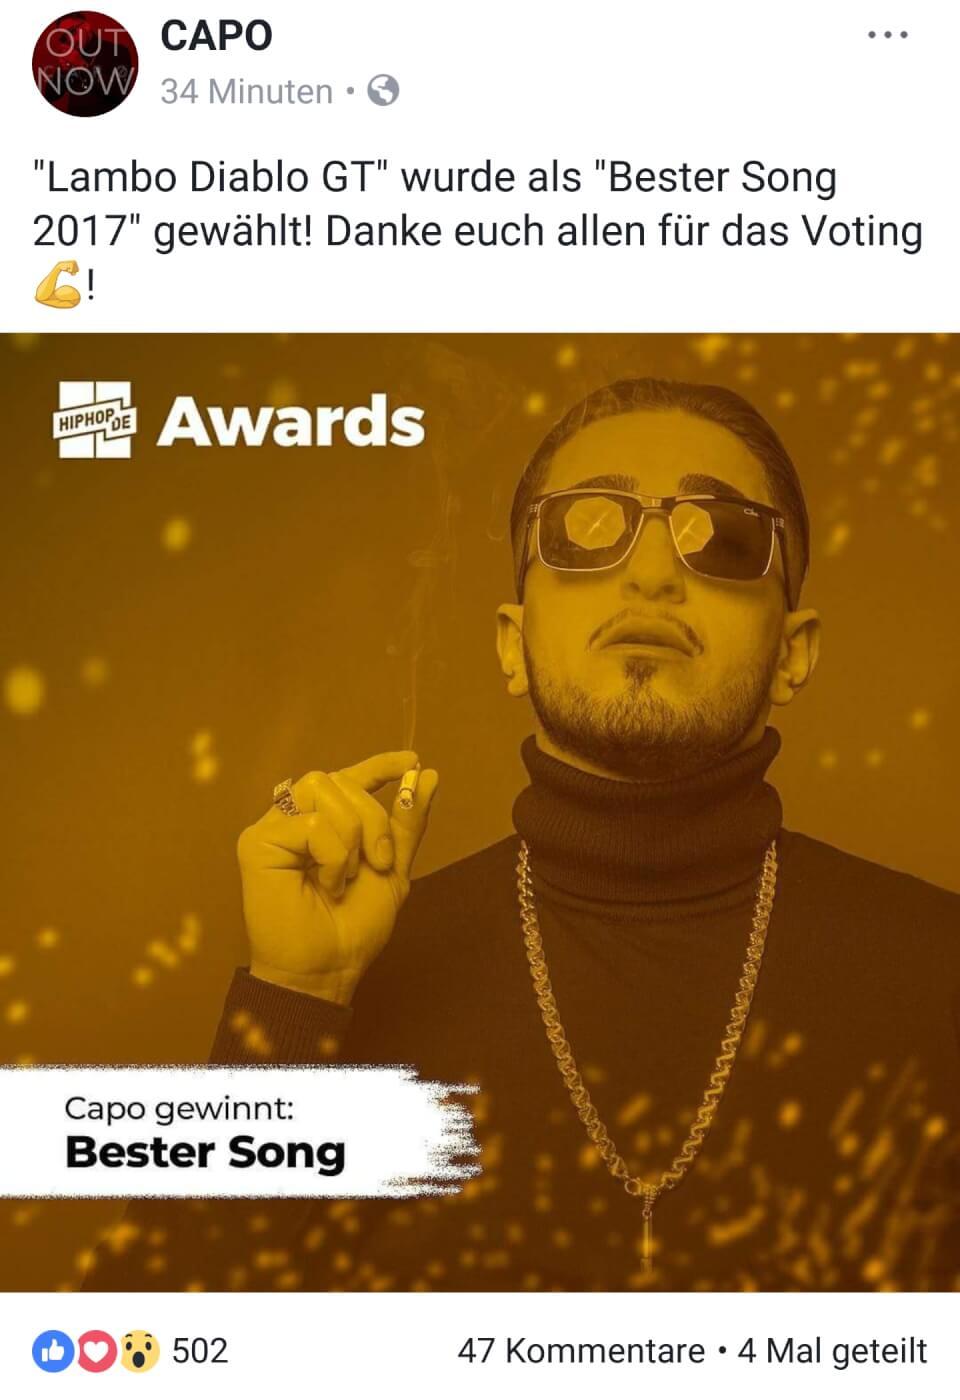 Lambo Diablo GT von Capo und Nimo zum besten Song 2017